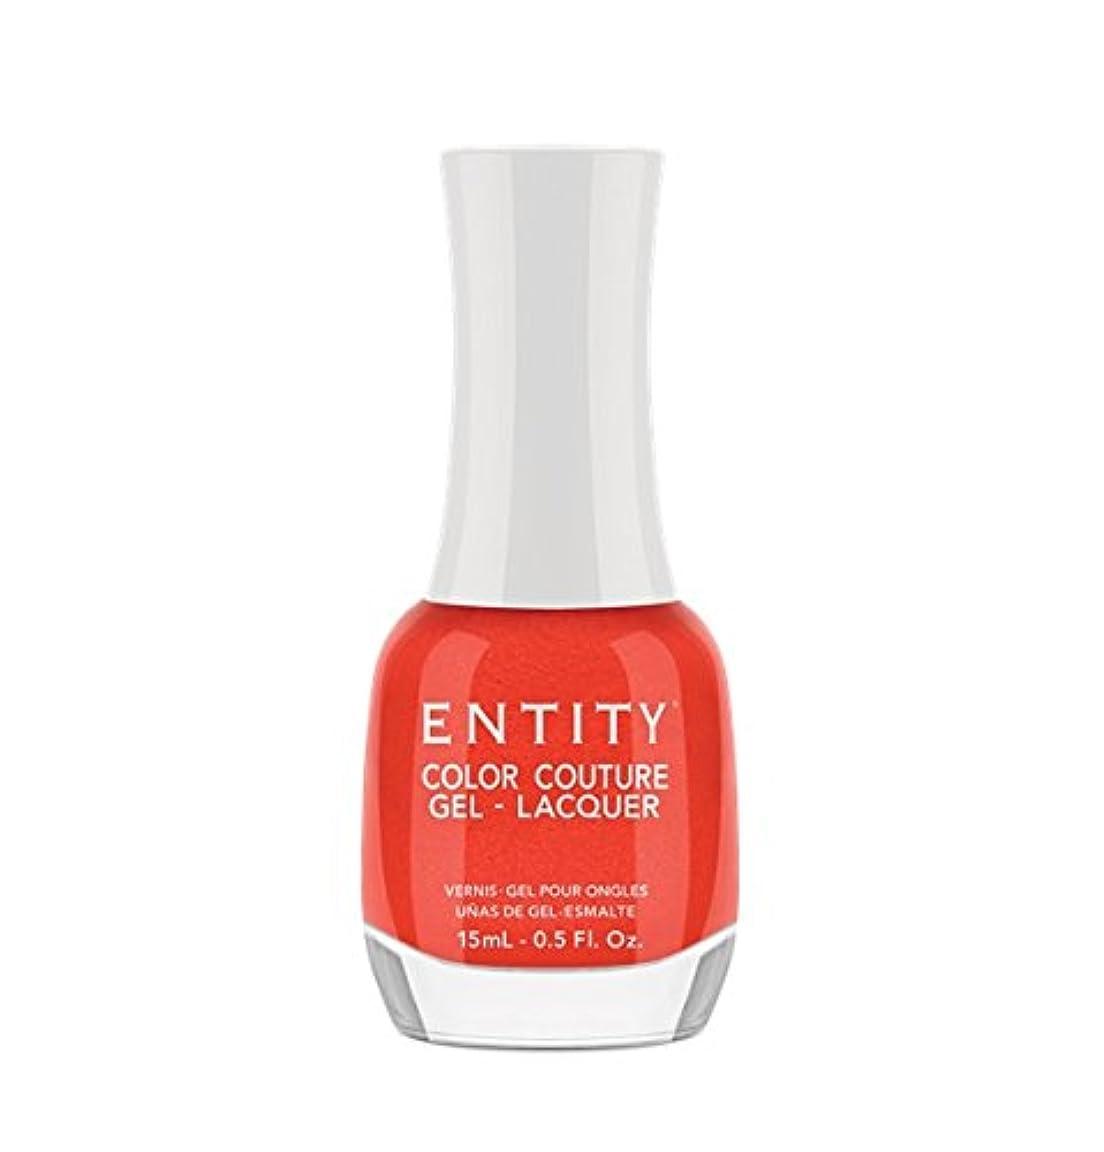 パッケージ複雑でない人柄Entity Color Couture Gel-Lacquer - Divalicious - 15 ml/0.5 oz